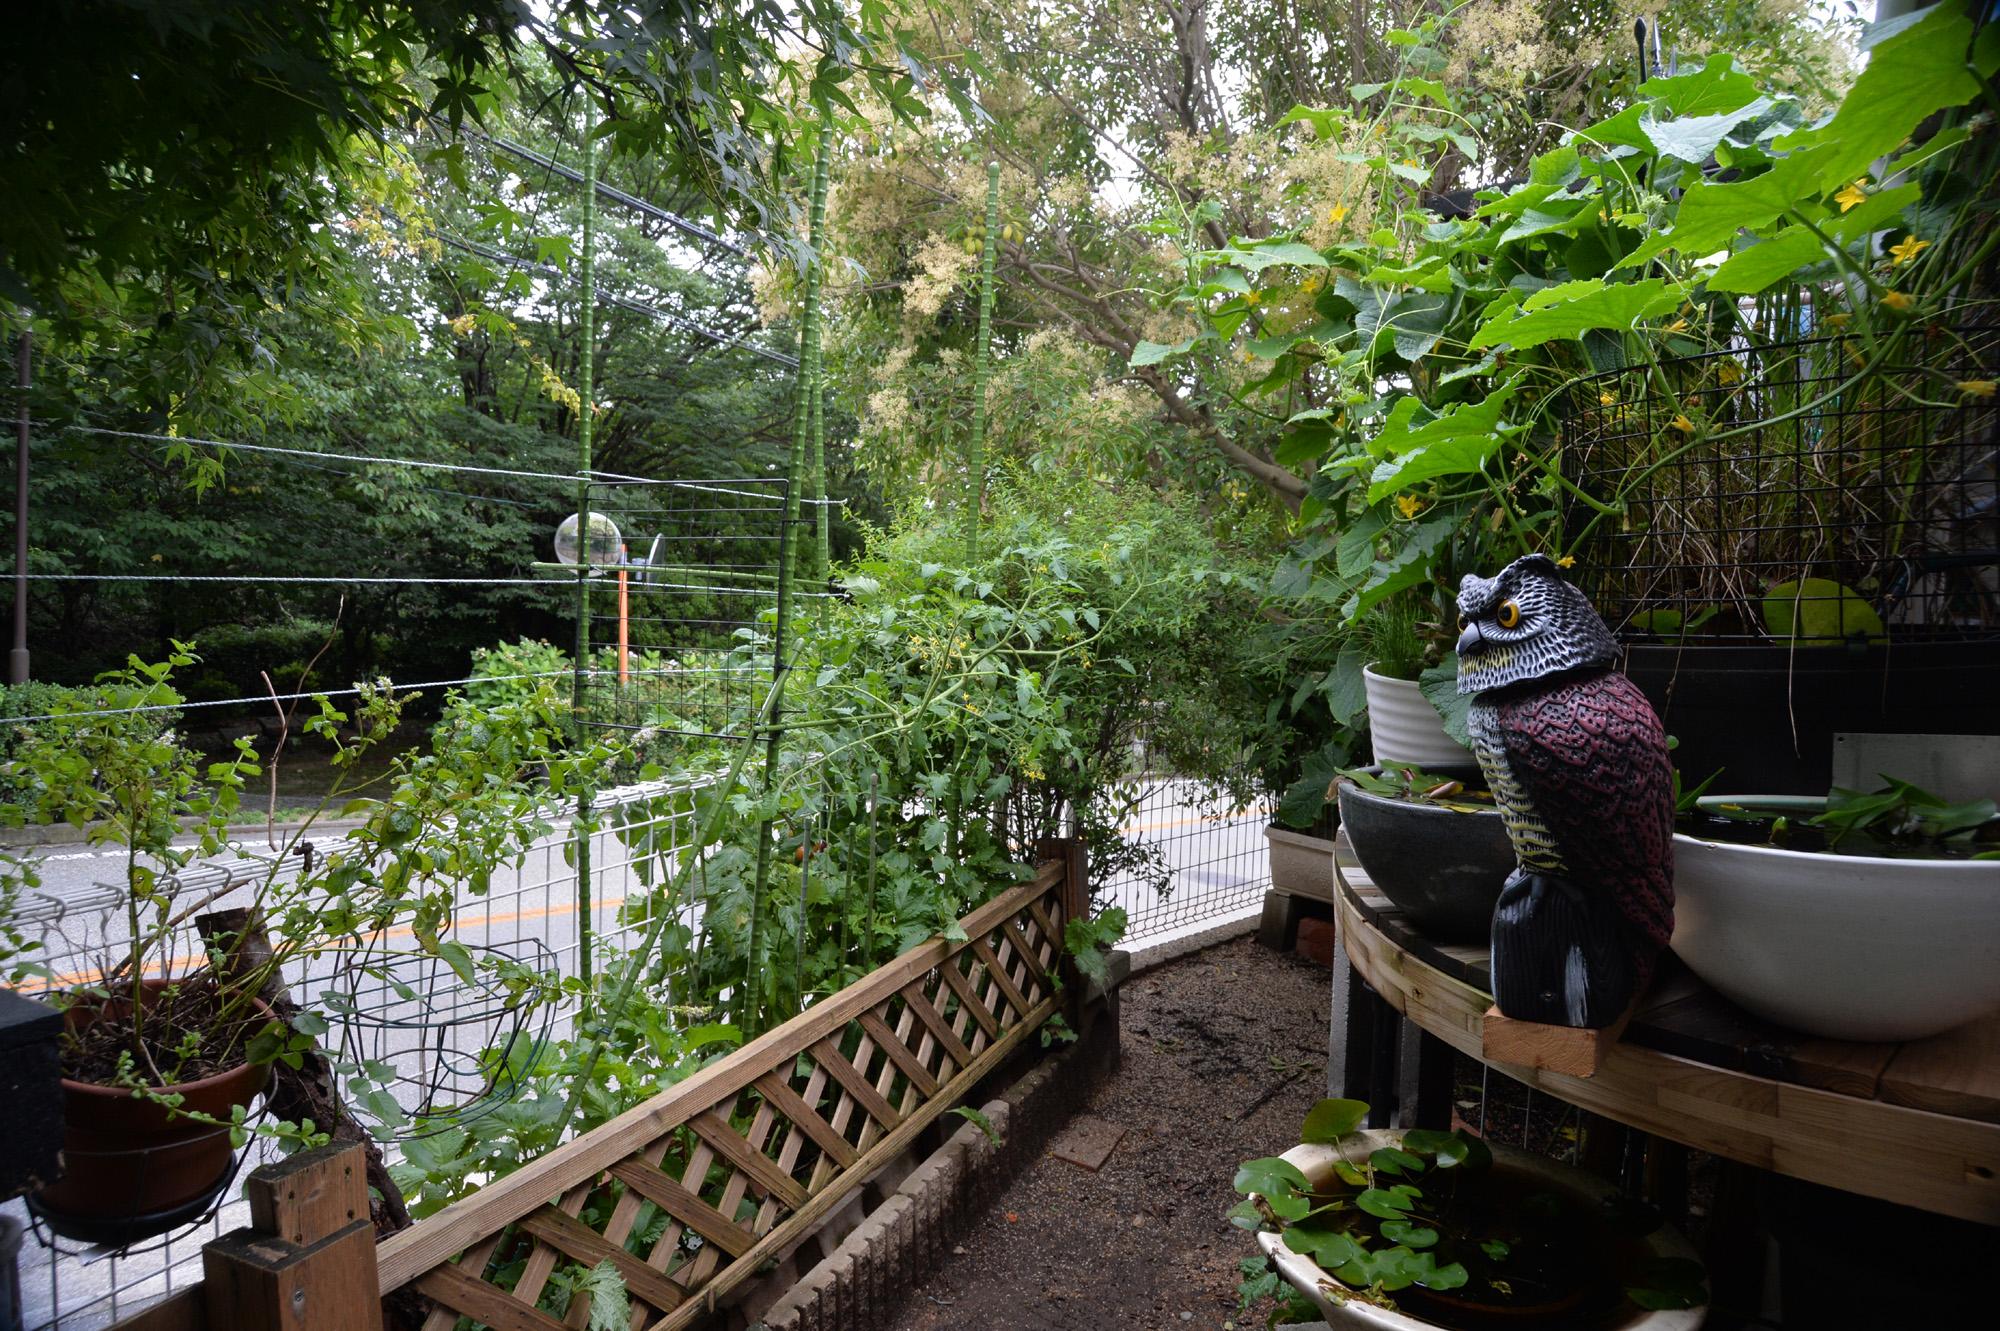 家庭菜園をハシブトカラスから守れ~! カラス対策にフクロウの置物